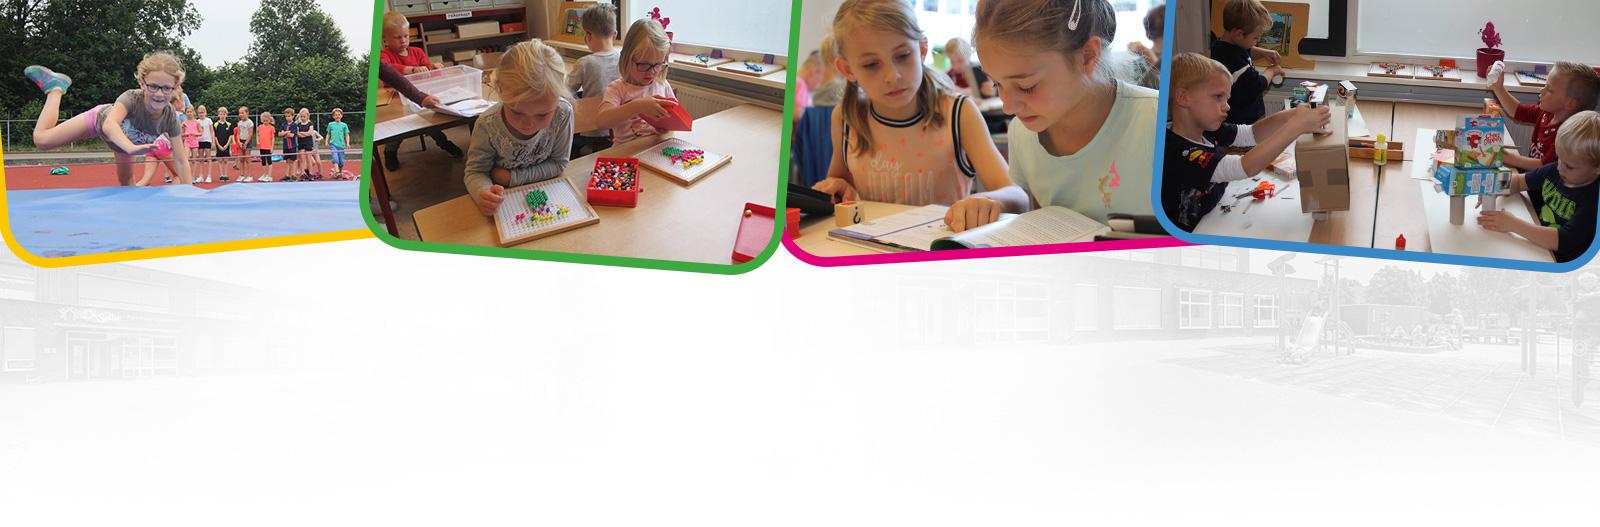 Openbare Basisschool De Saller in Losser